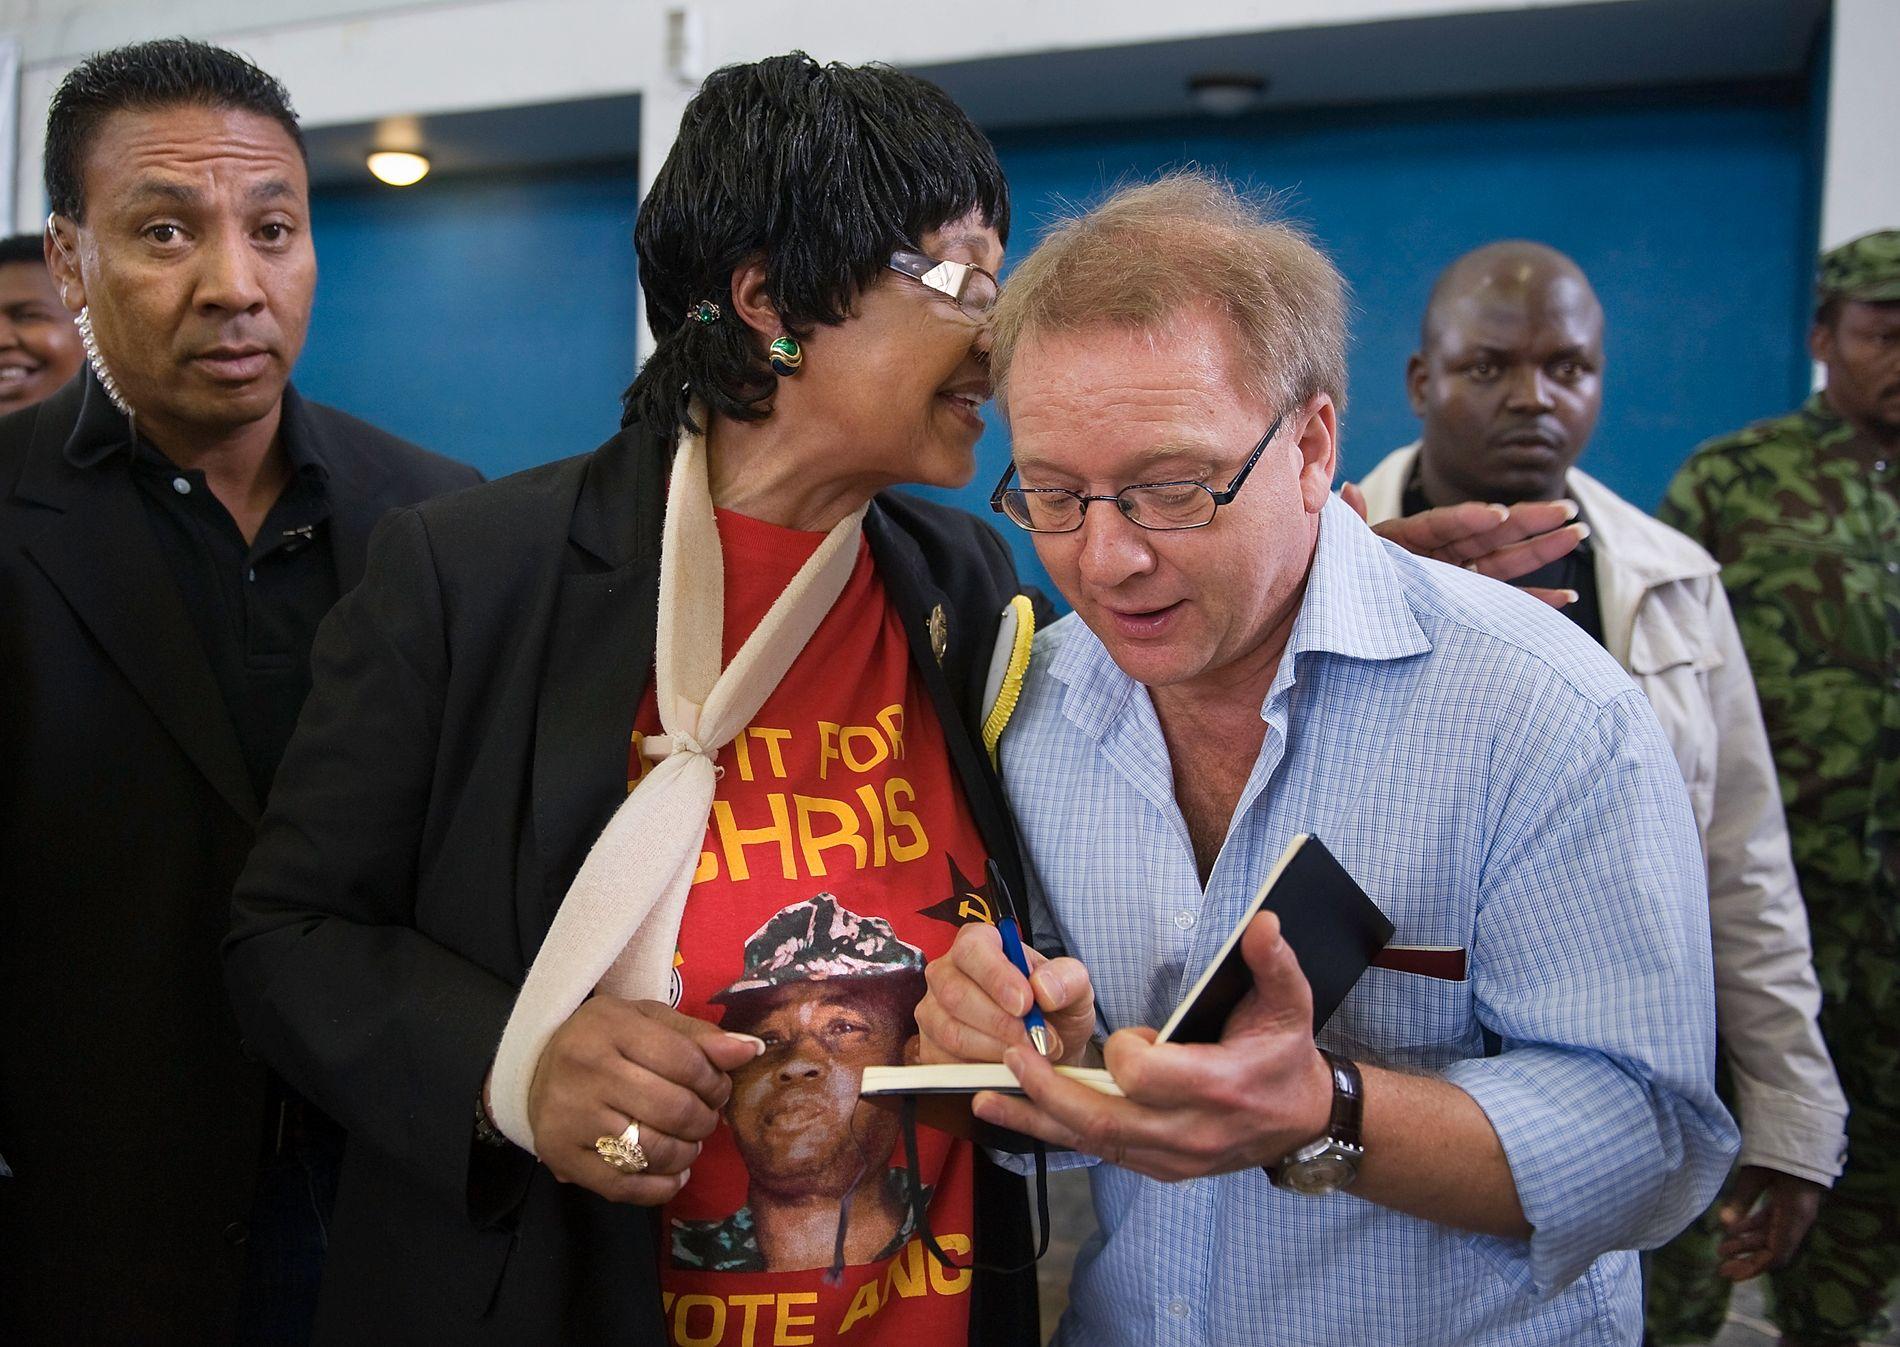 NÆRE MØTER: VGs mangeårige utenriksmedarbeider Harald Berg Sævereid intervjuet Winnie Madikizela Mandela ved en rekke anledninger. Her fra 2009, da hun gjorde comeback i politikken etter anklager om korrupsjon og bestillingsdrap, og en dom for bedrageri.